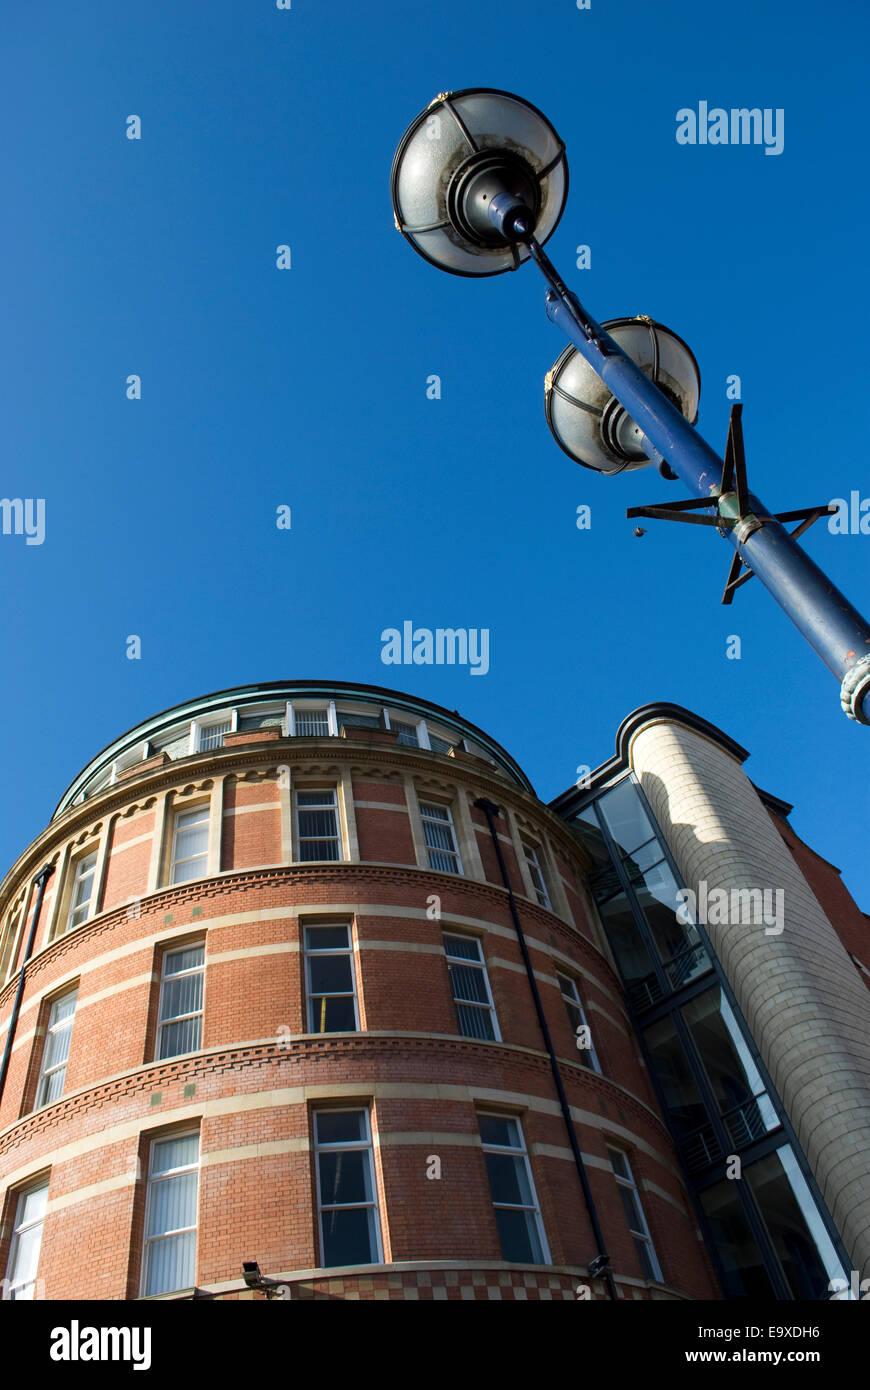 The Roundhouse Pub, Nottingham, UK - Stock Image